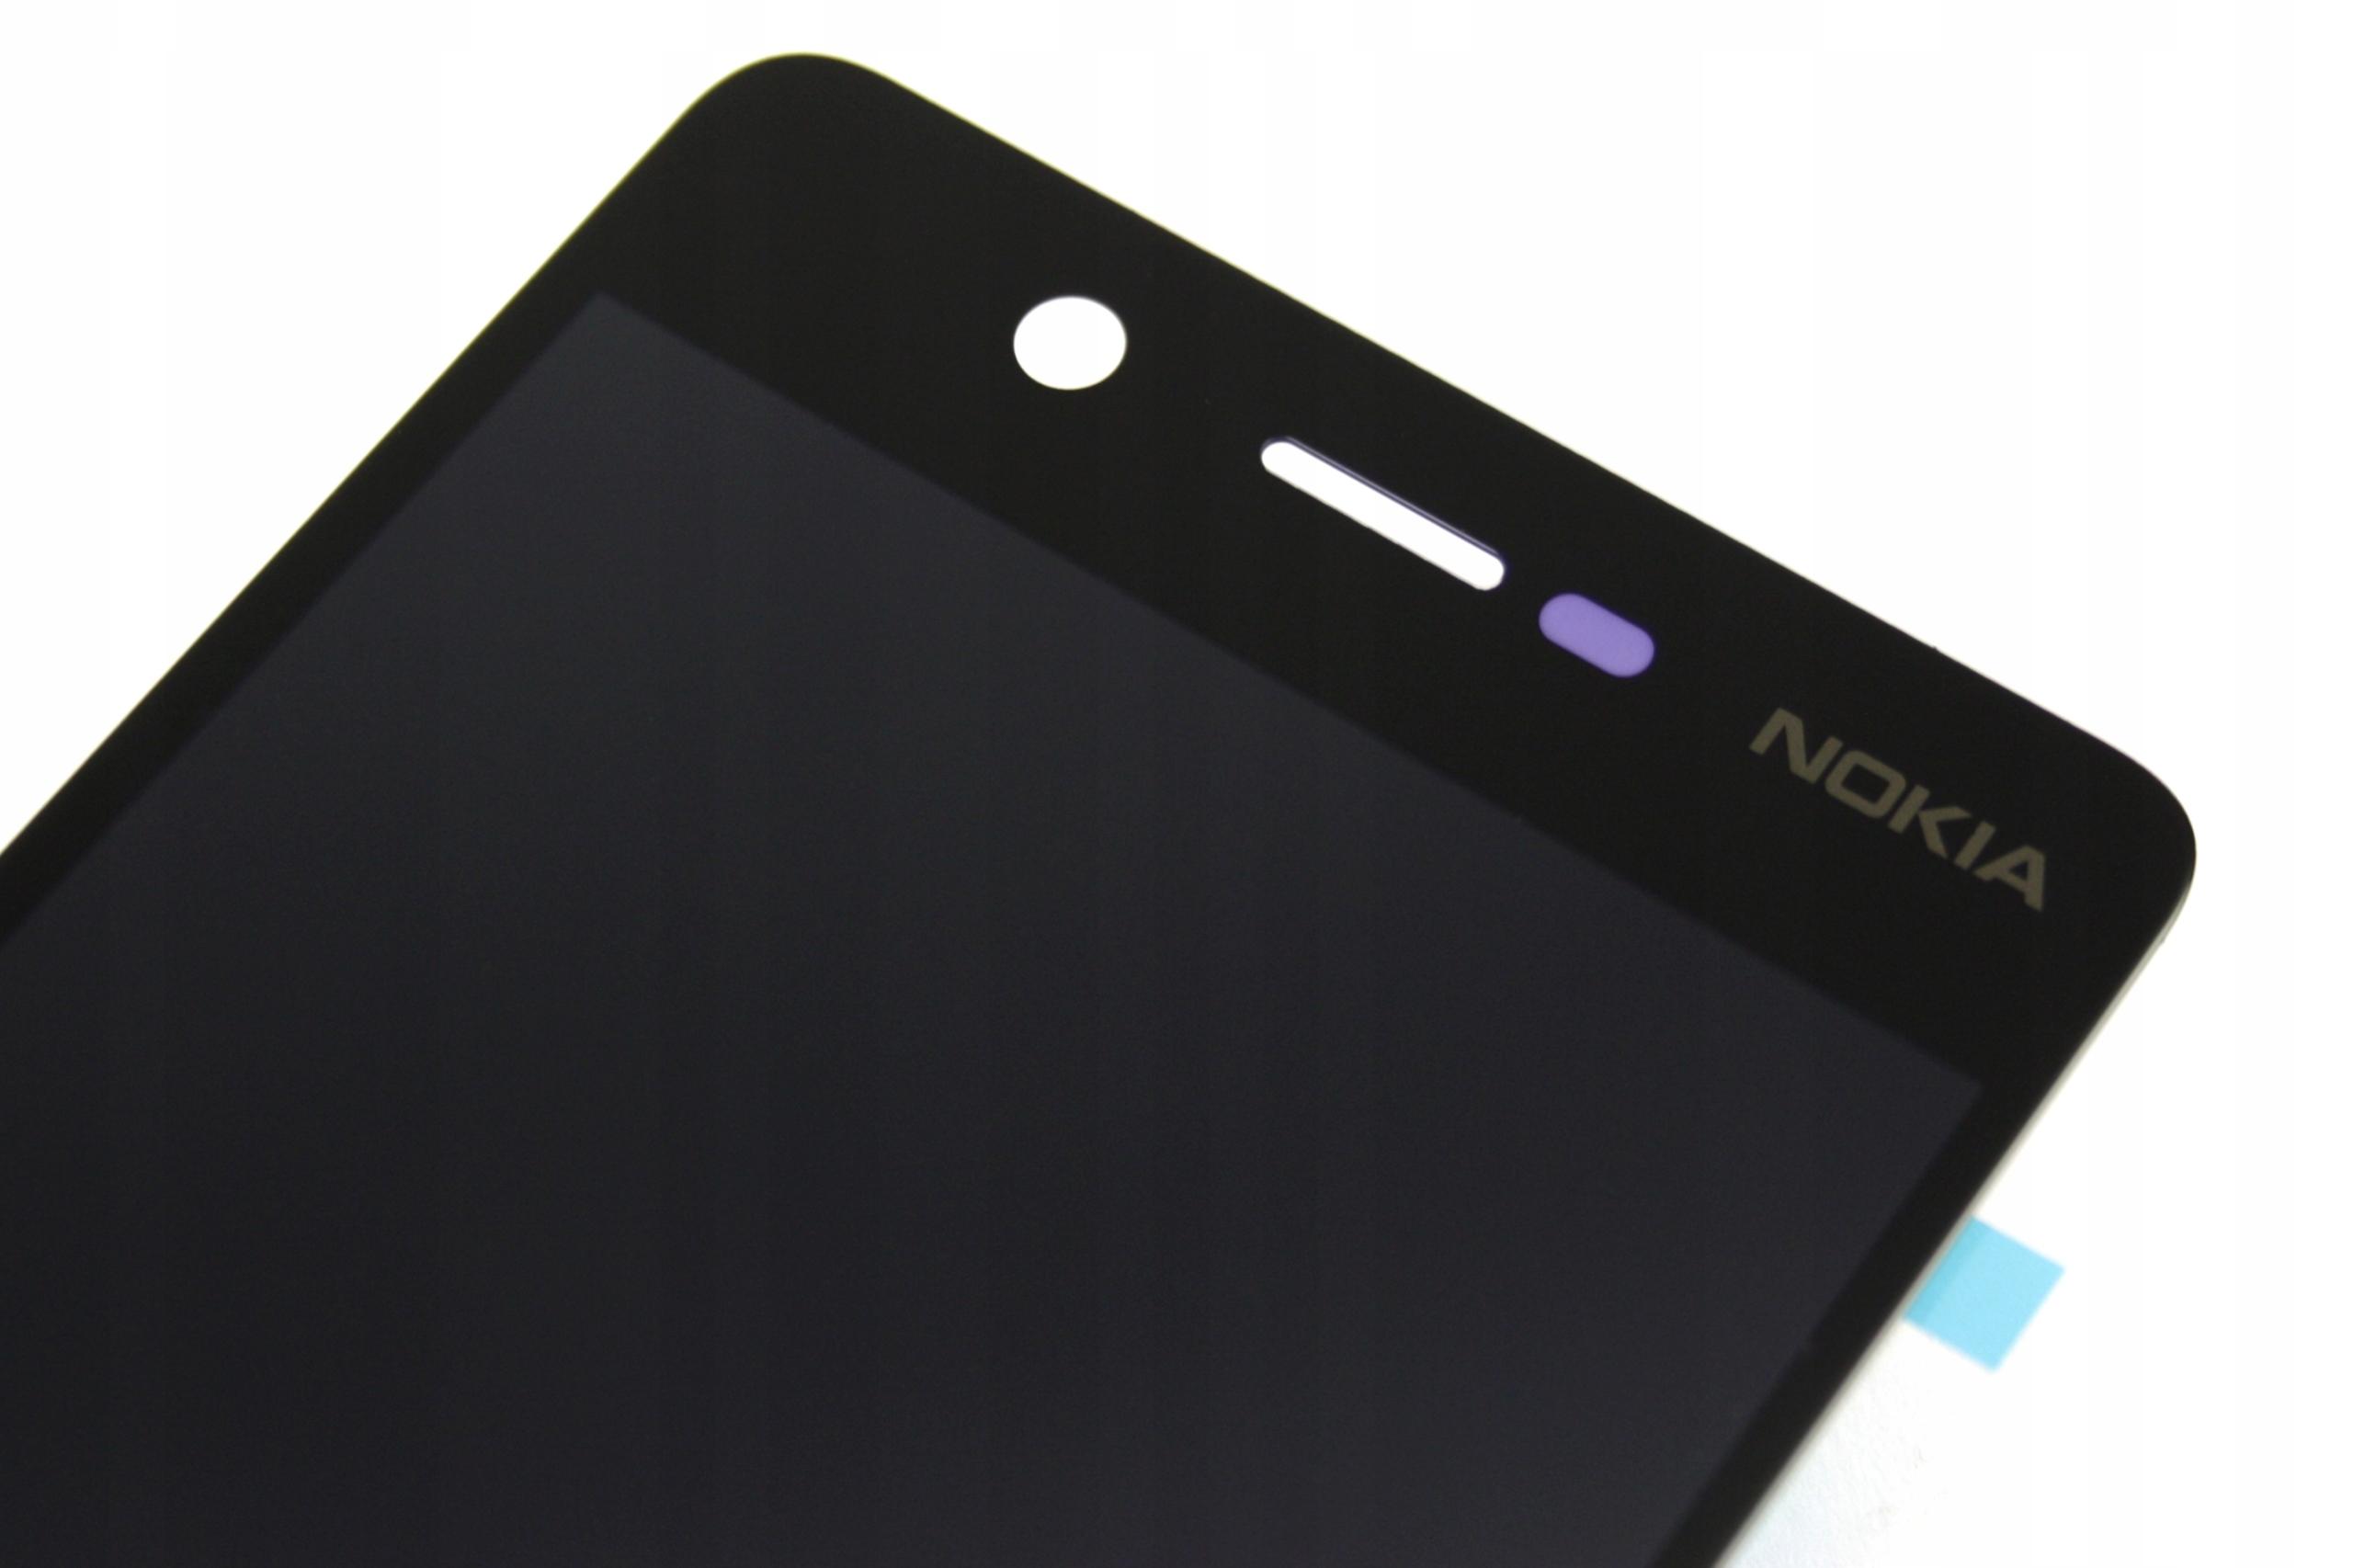 5 NOKIA WYŚWIETLACZ LCD EKRAN CZARNY NOWE BLACK